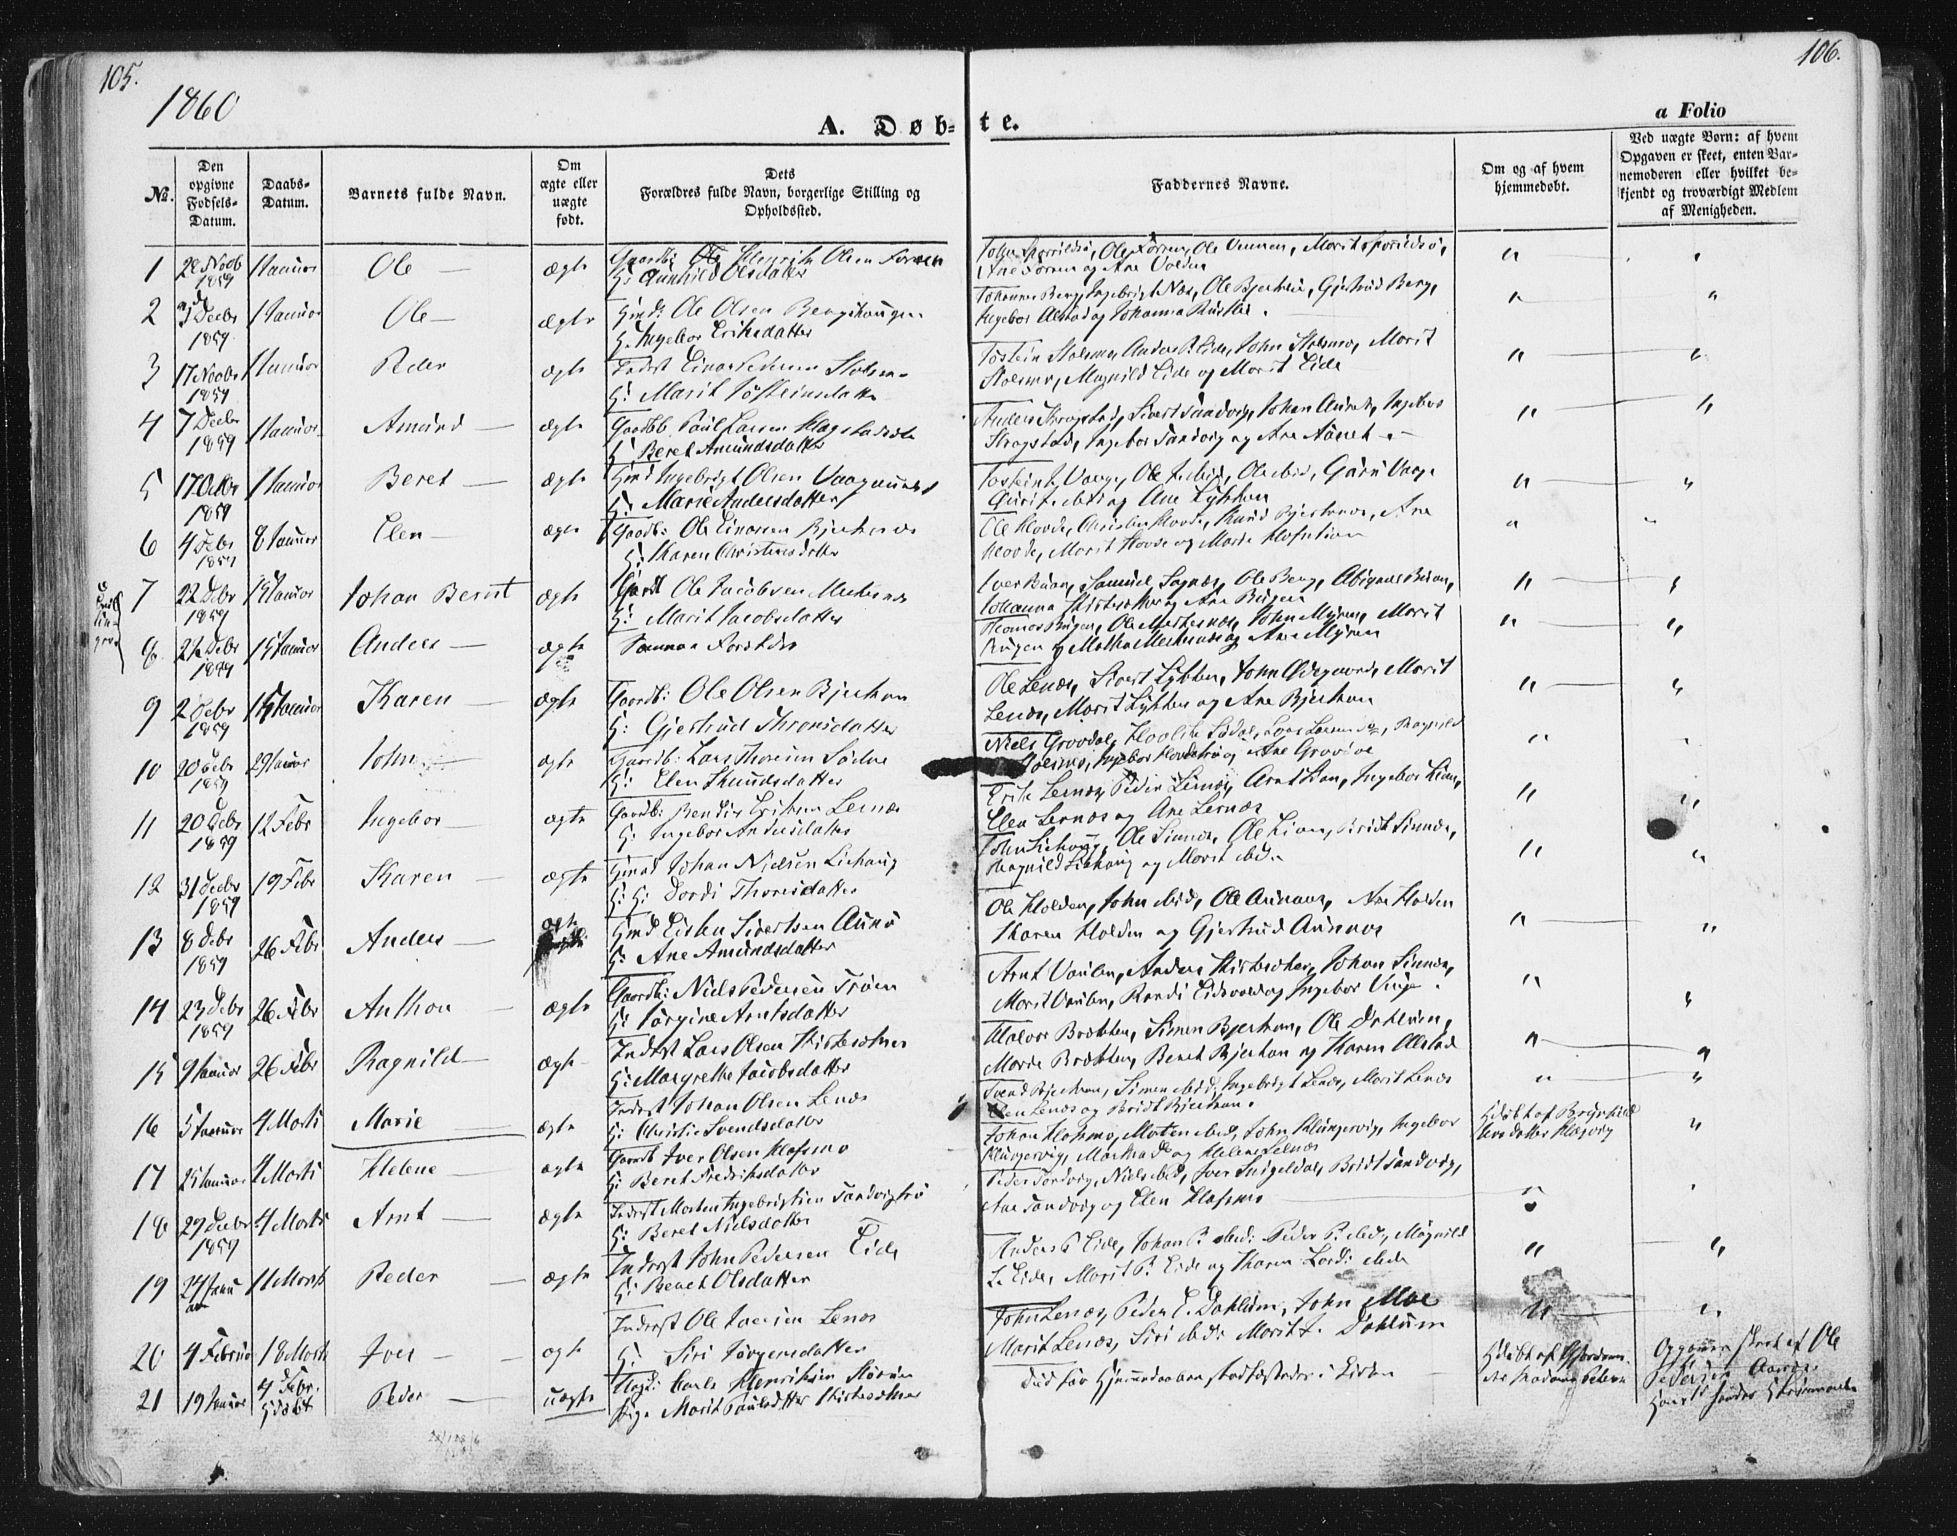 SAT, Ministerialprotokoller, klokkerbøker og fødselsregistre - Sør-Trøndelag, 630/L0494: Ministerialbok nr. 630A07, 1852-1868, s. 105-106